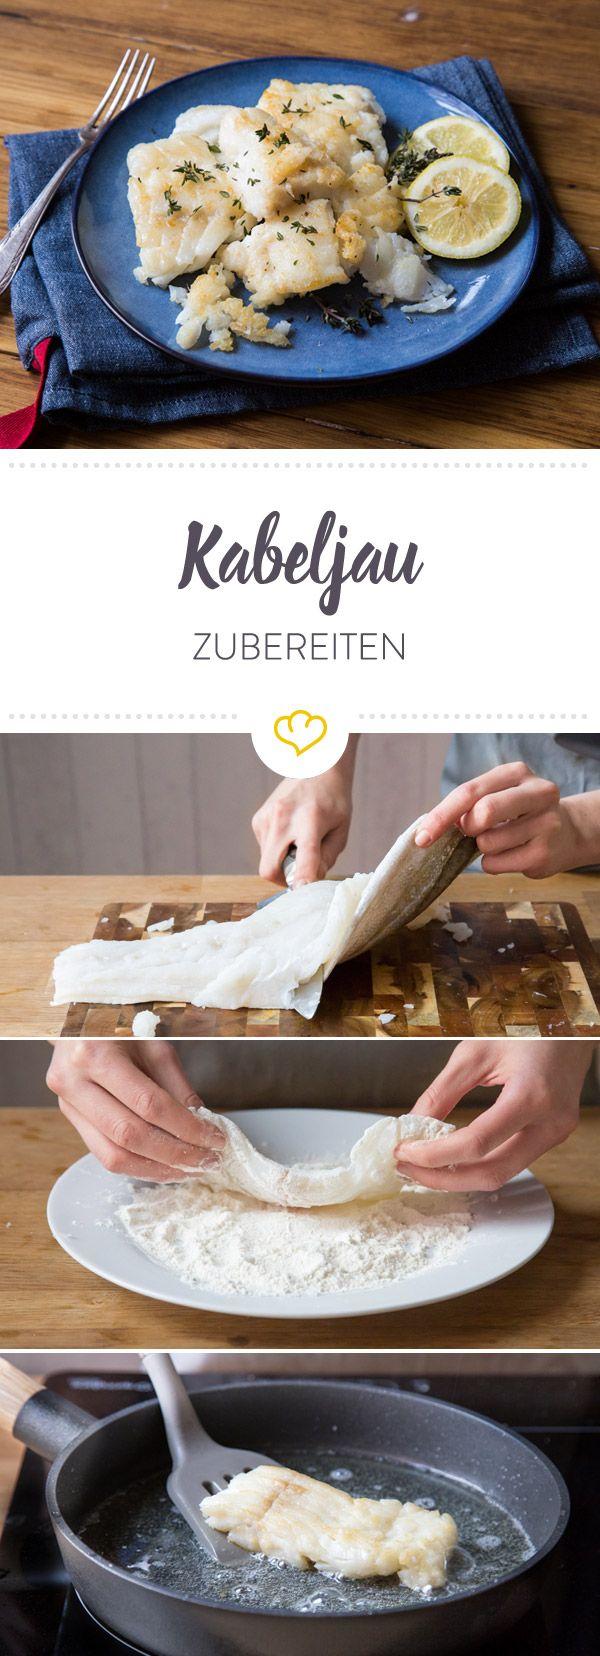 Kabeljau gilt als echte Delikatesse. Hier erfährst du Zubereitungsmethoden und Wissenswertes rund um den zarten Fisch.